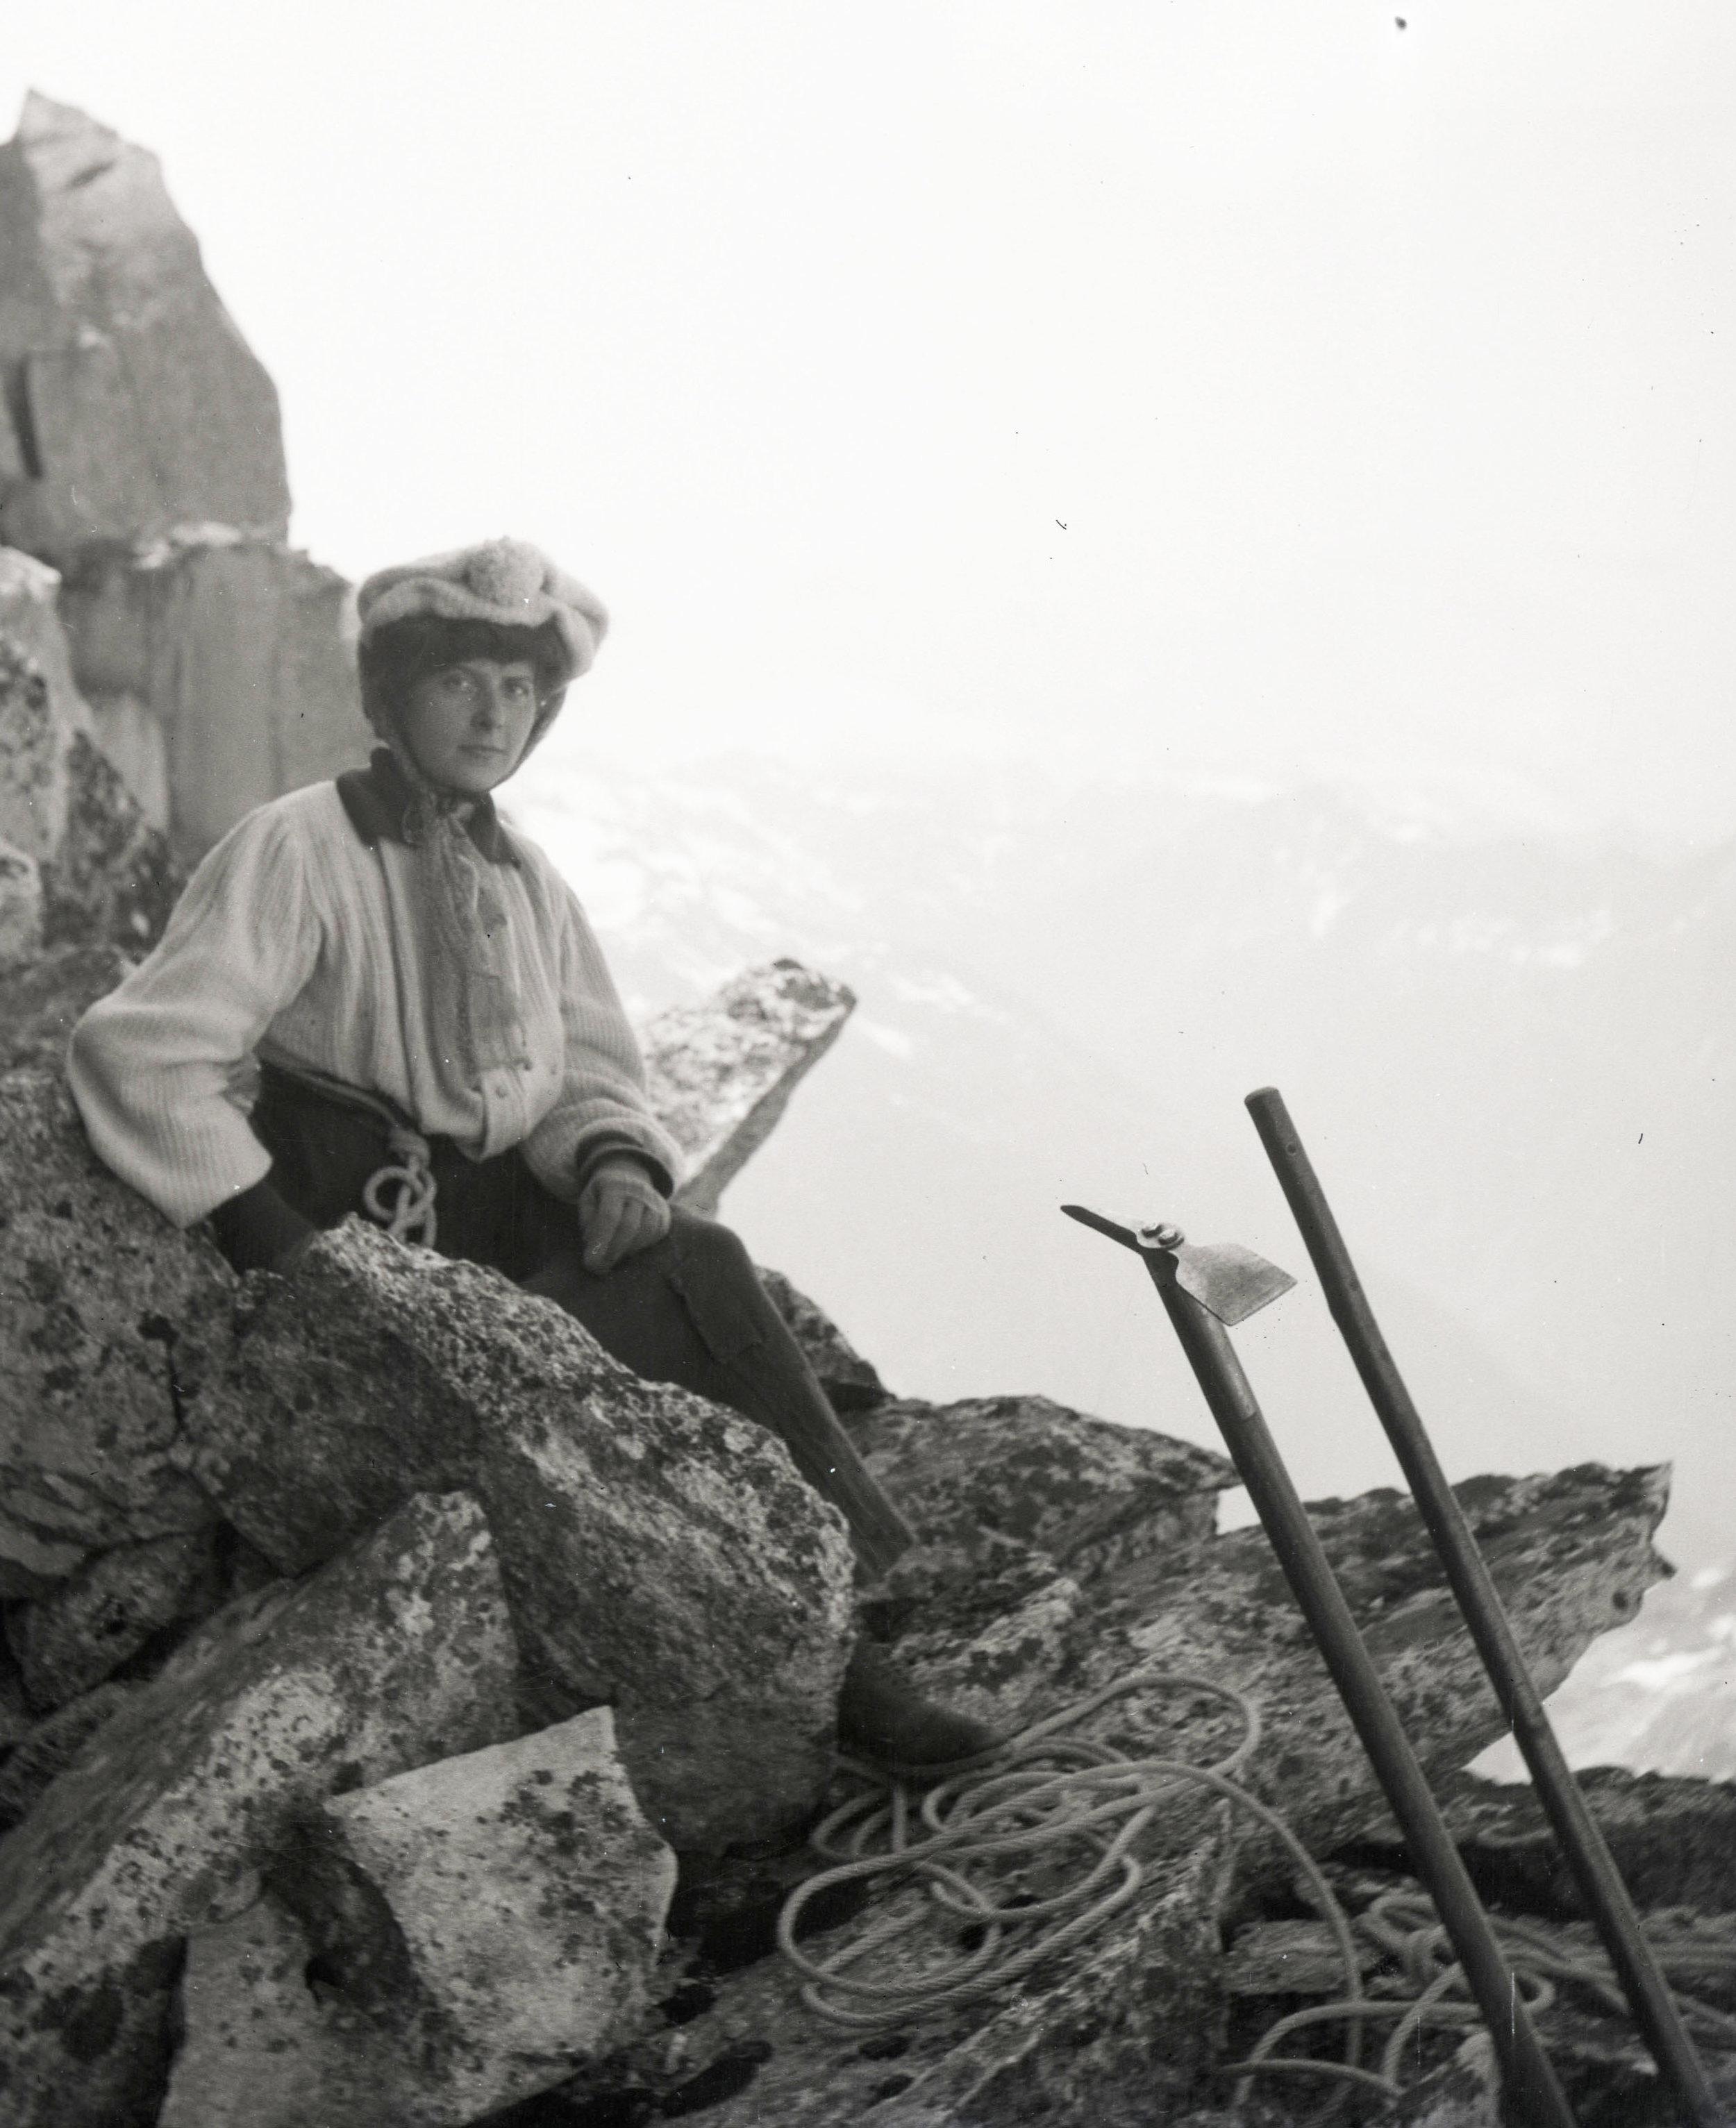 Ice axes and women's pre-1925 climbing attire.